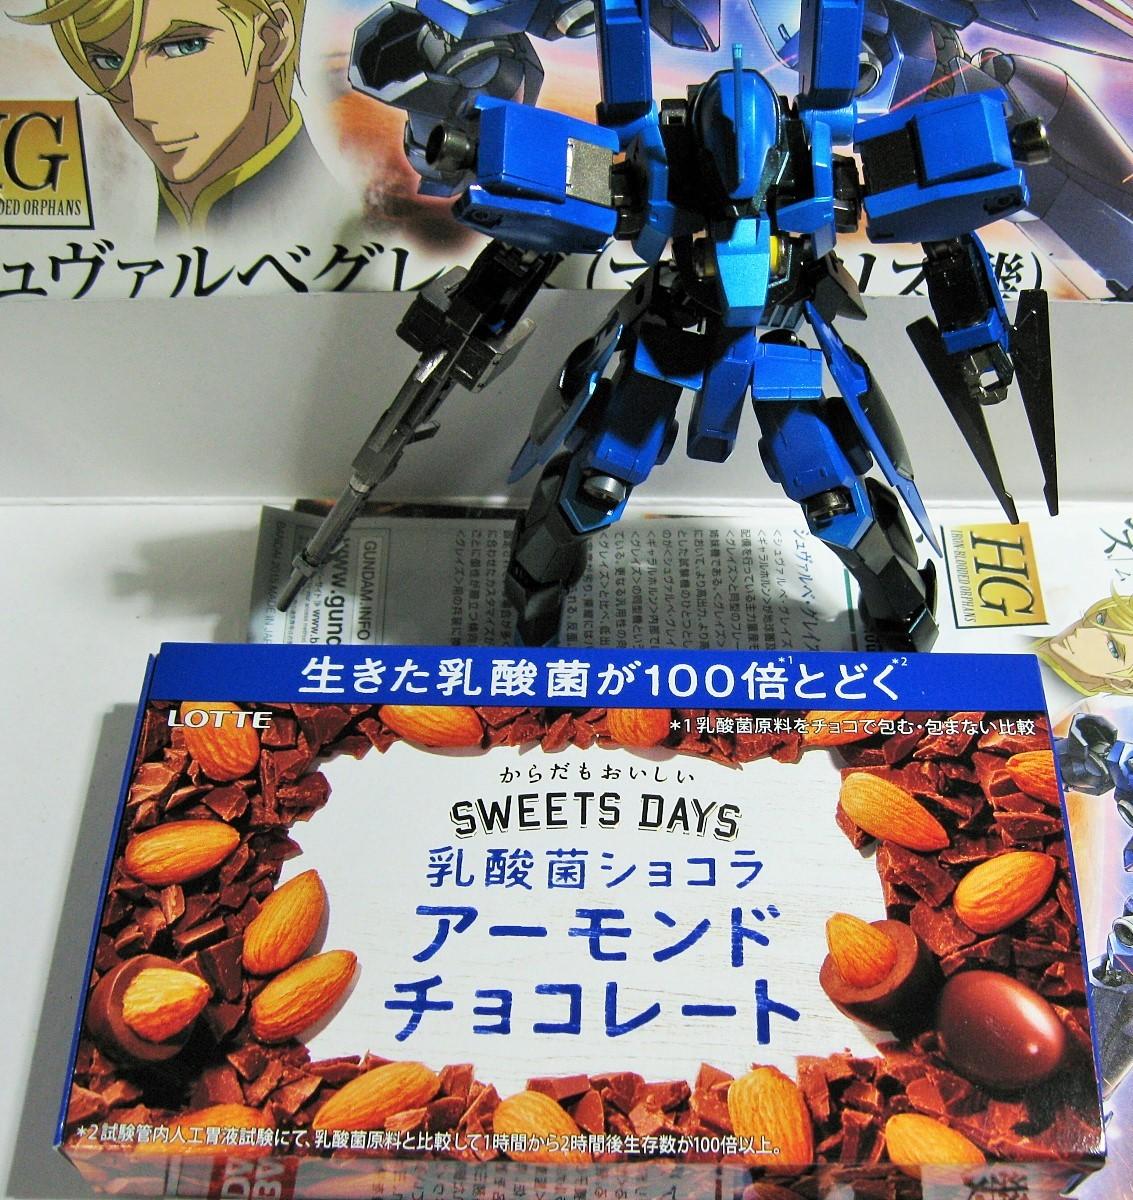 チョコレートの人 オルフェンズ 鉄血 ロッテ スイーツデイズ 乳酸菌ショコラ アーモンドチョコレート 86g